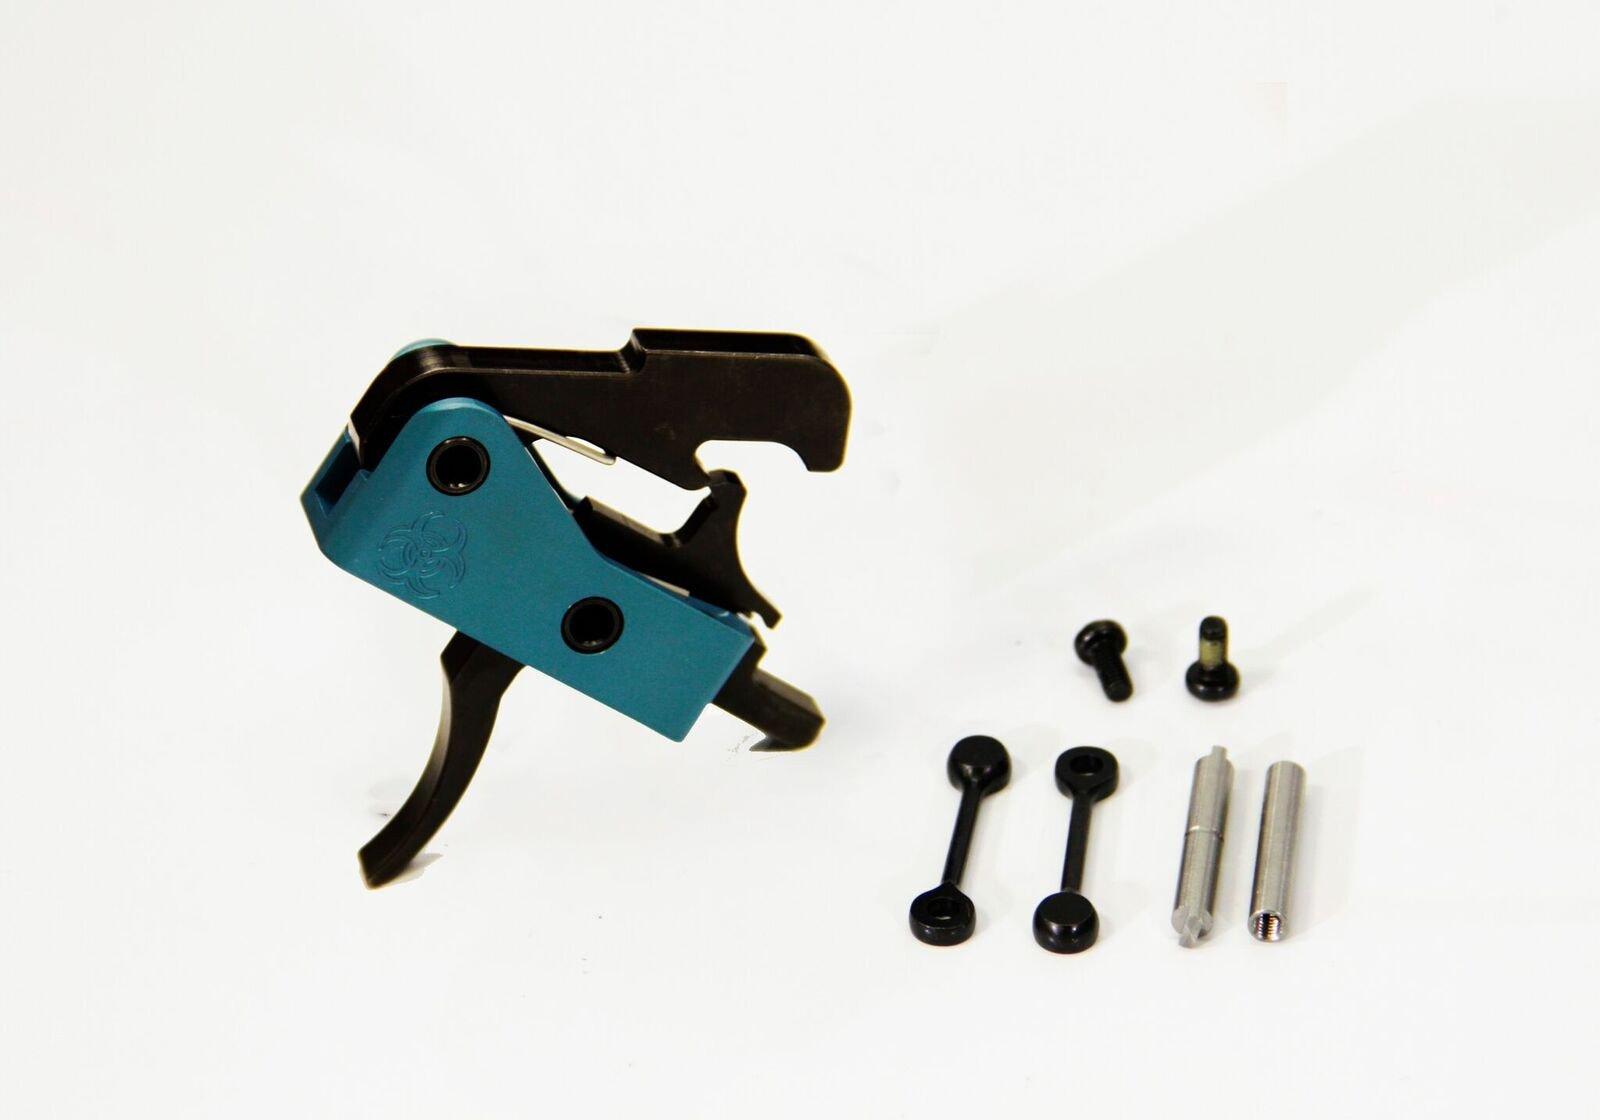 Black Rain Ordnance DIT 3.5Lb Trigger W/ Kns Anti-Rotation Pins